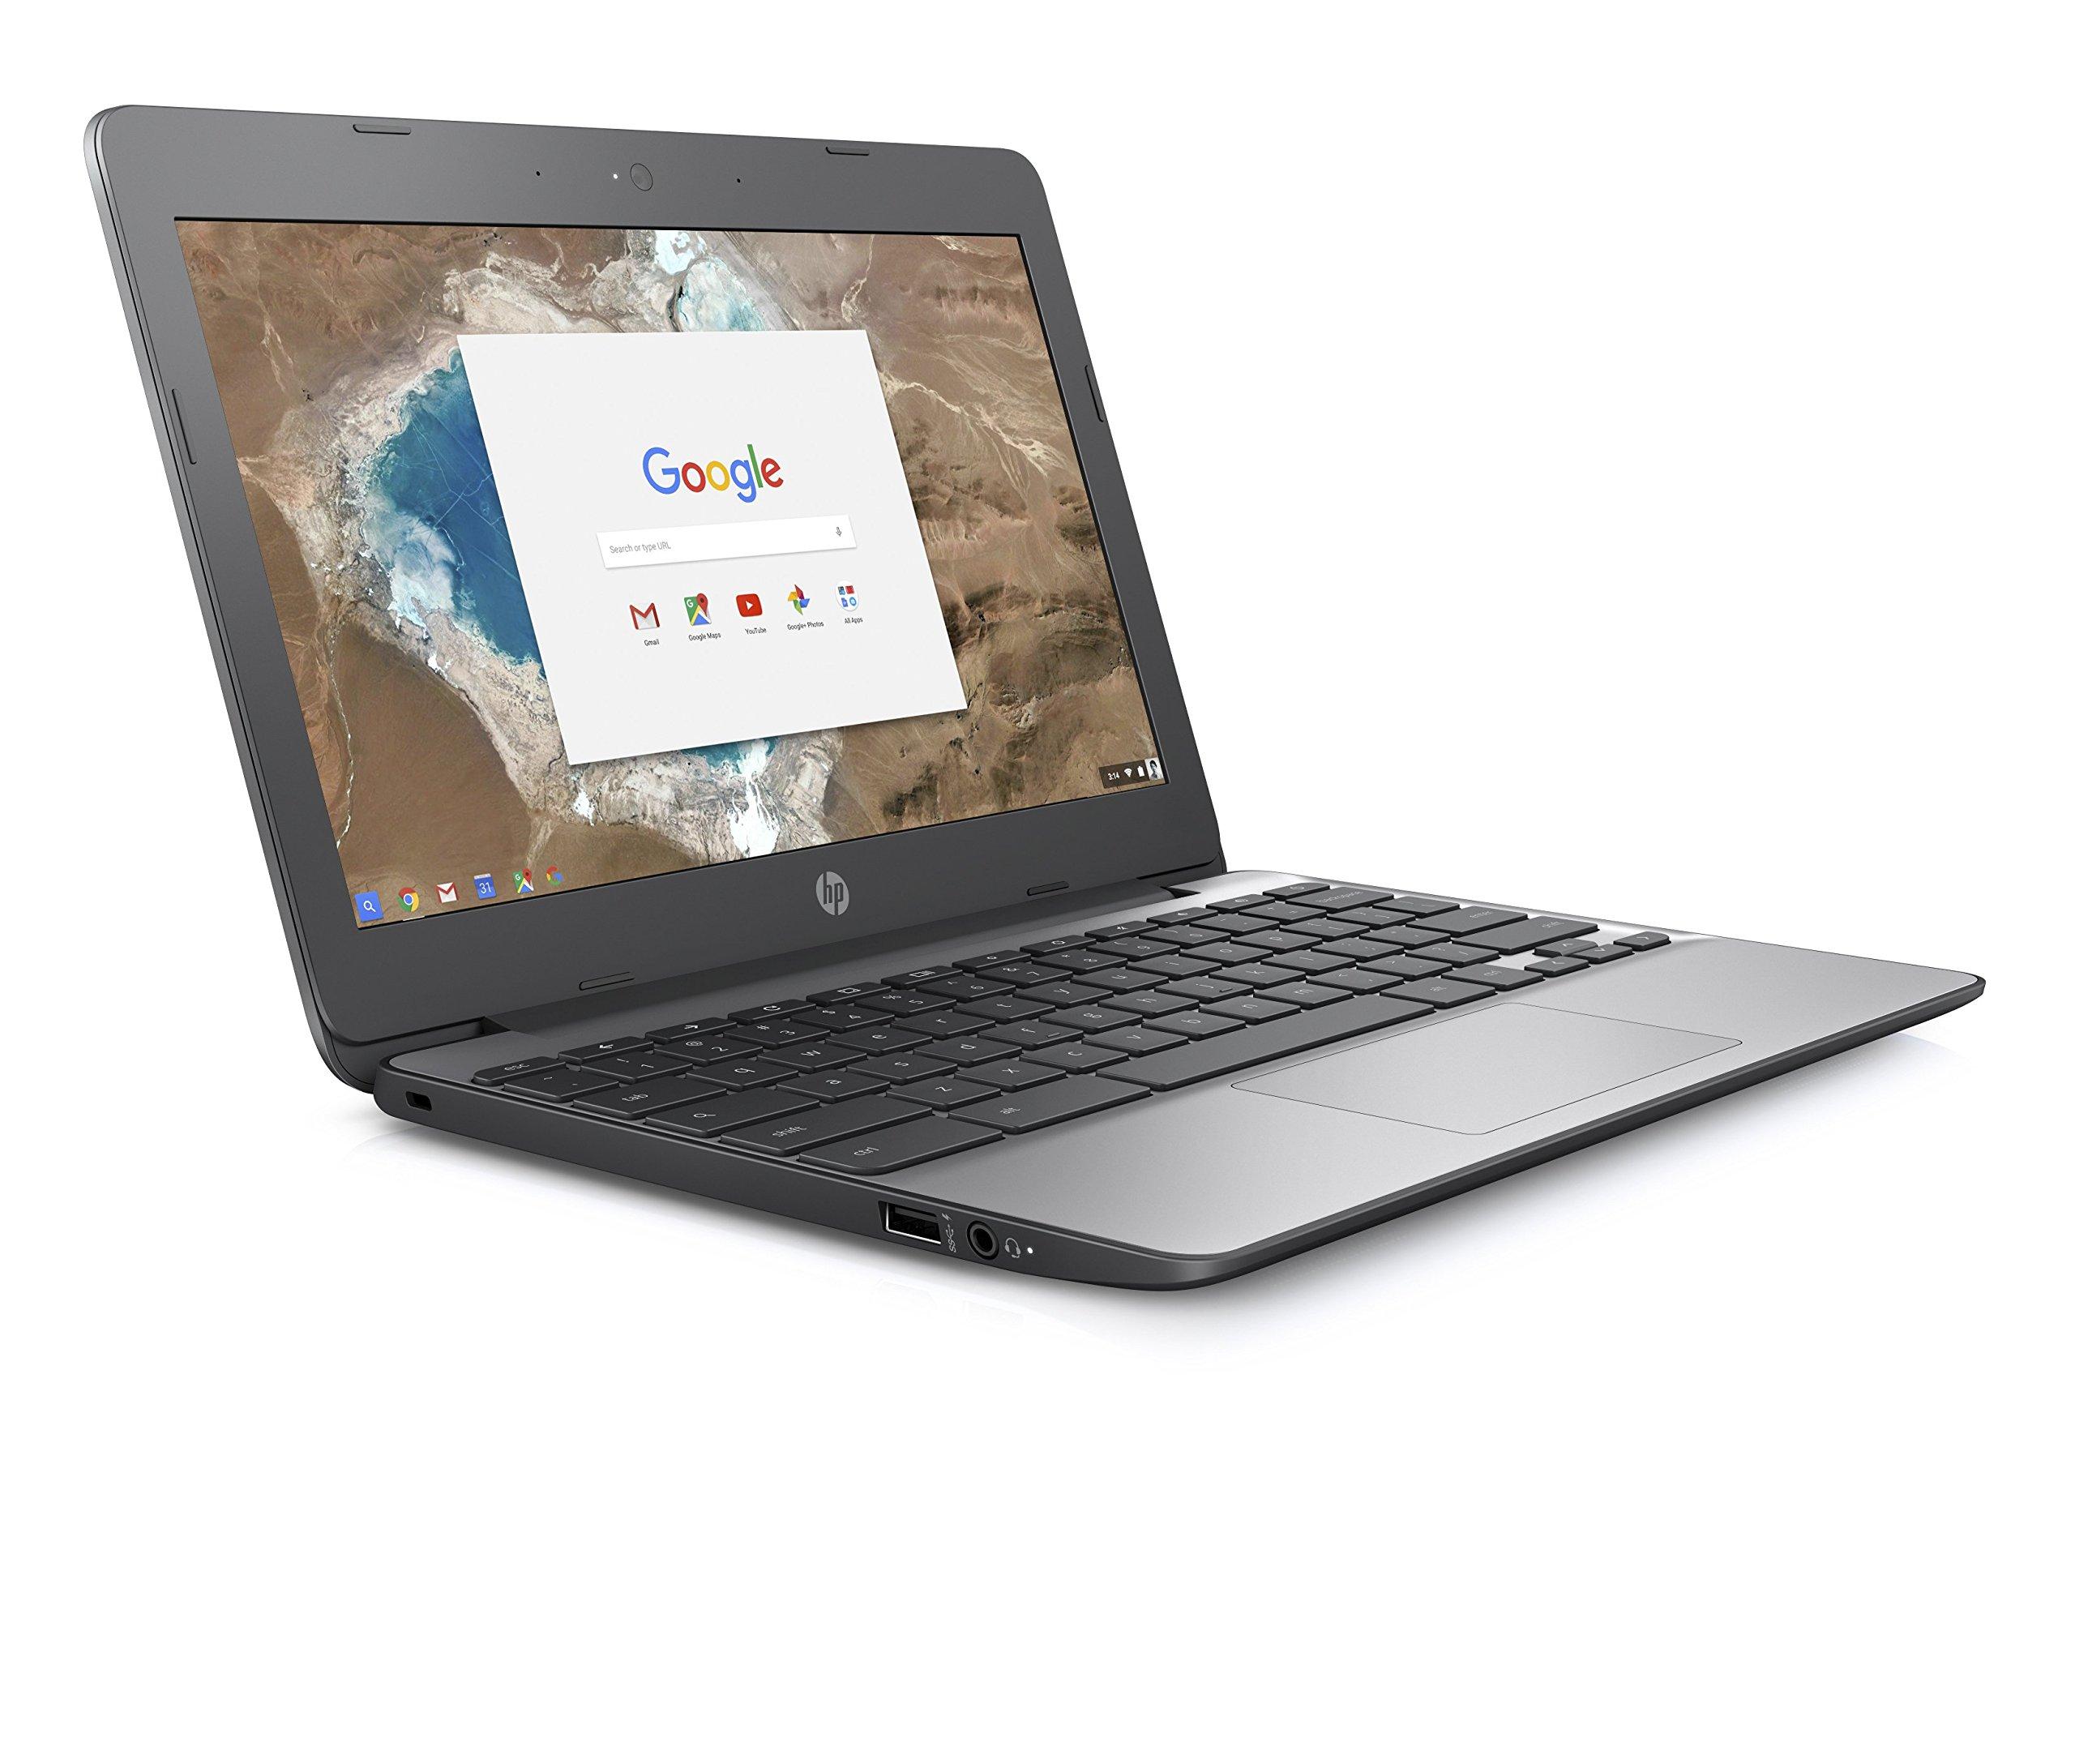 HP Chromebook ca000naノートブックコンピューター(Intel N3350、4 GB RAM、Intel HDグラフィック500、Chrome OS)Y3V73EA#ABU 4 GB RAM、16 GB eMMC 11.6インチ